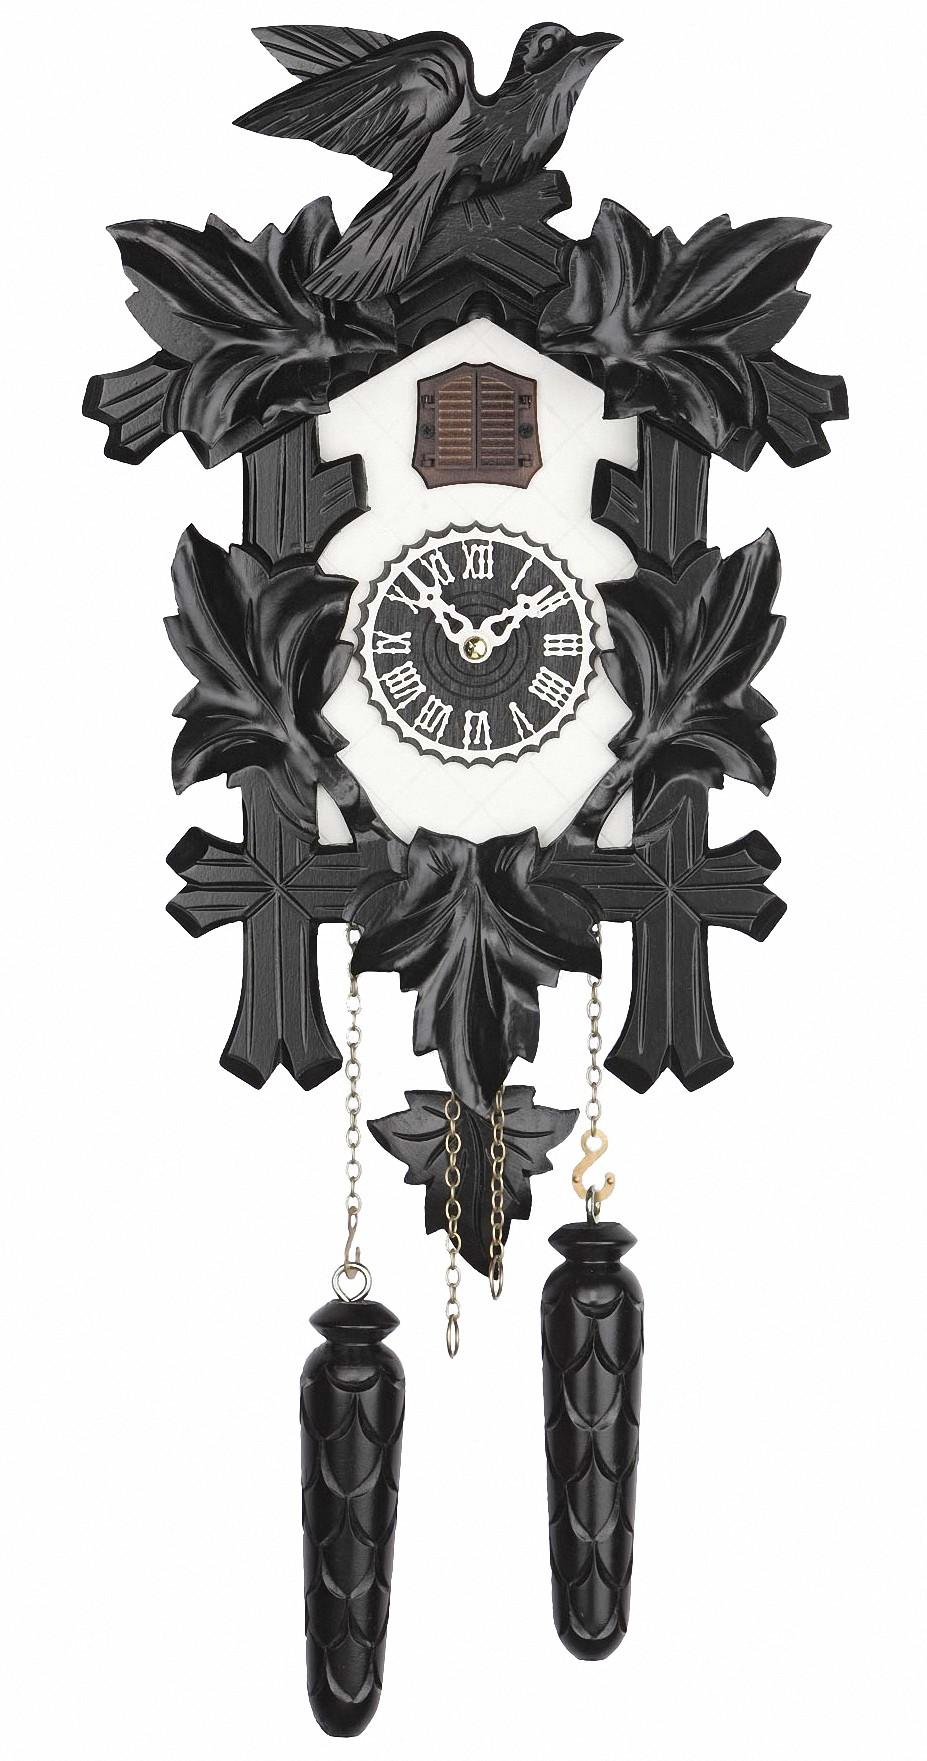 quarz kuckucksuhr 5 laub vogel tu 350 20 q schwarz weiss neu ebay. Black Bedroom Furniture Sets. Home Design Ideas